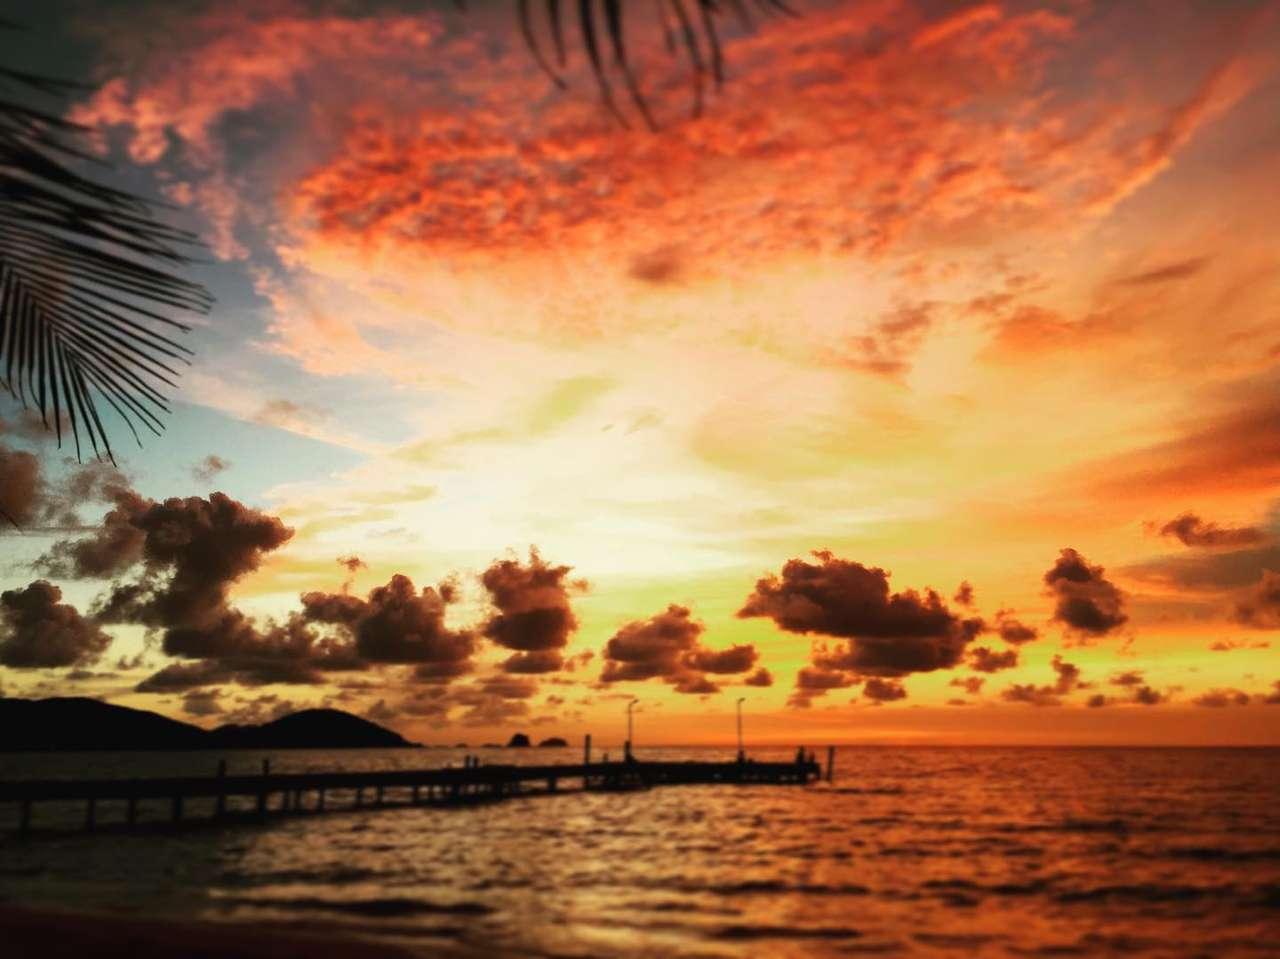 Tramonto mozzafiato - Vita dell'isola